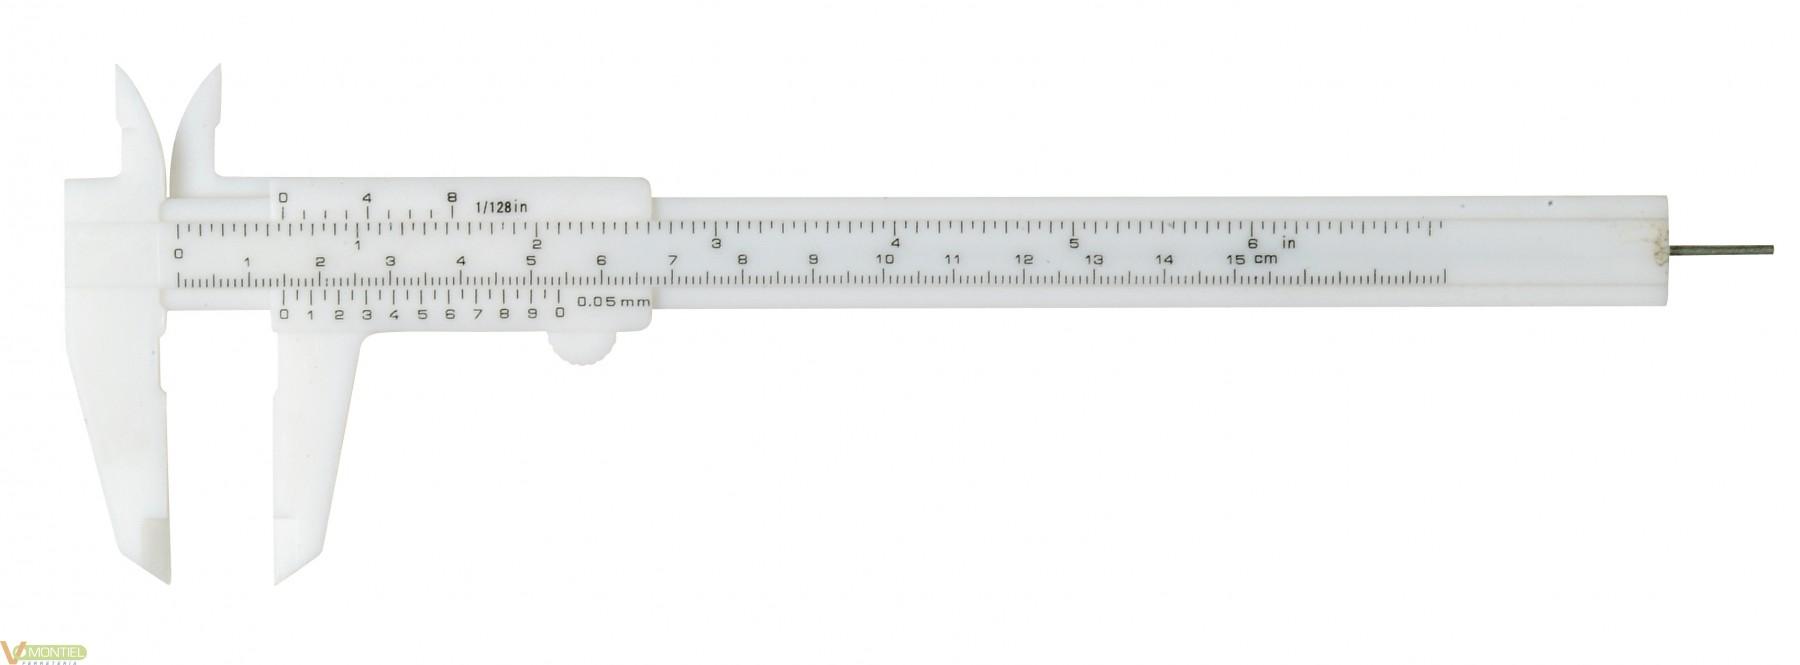 Calibre man 150mm medid-0